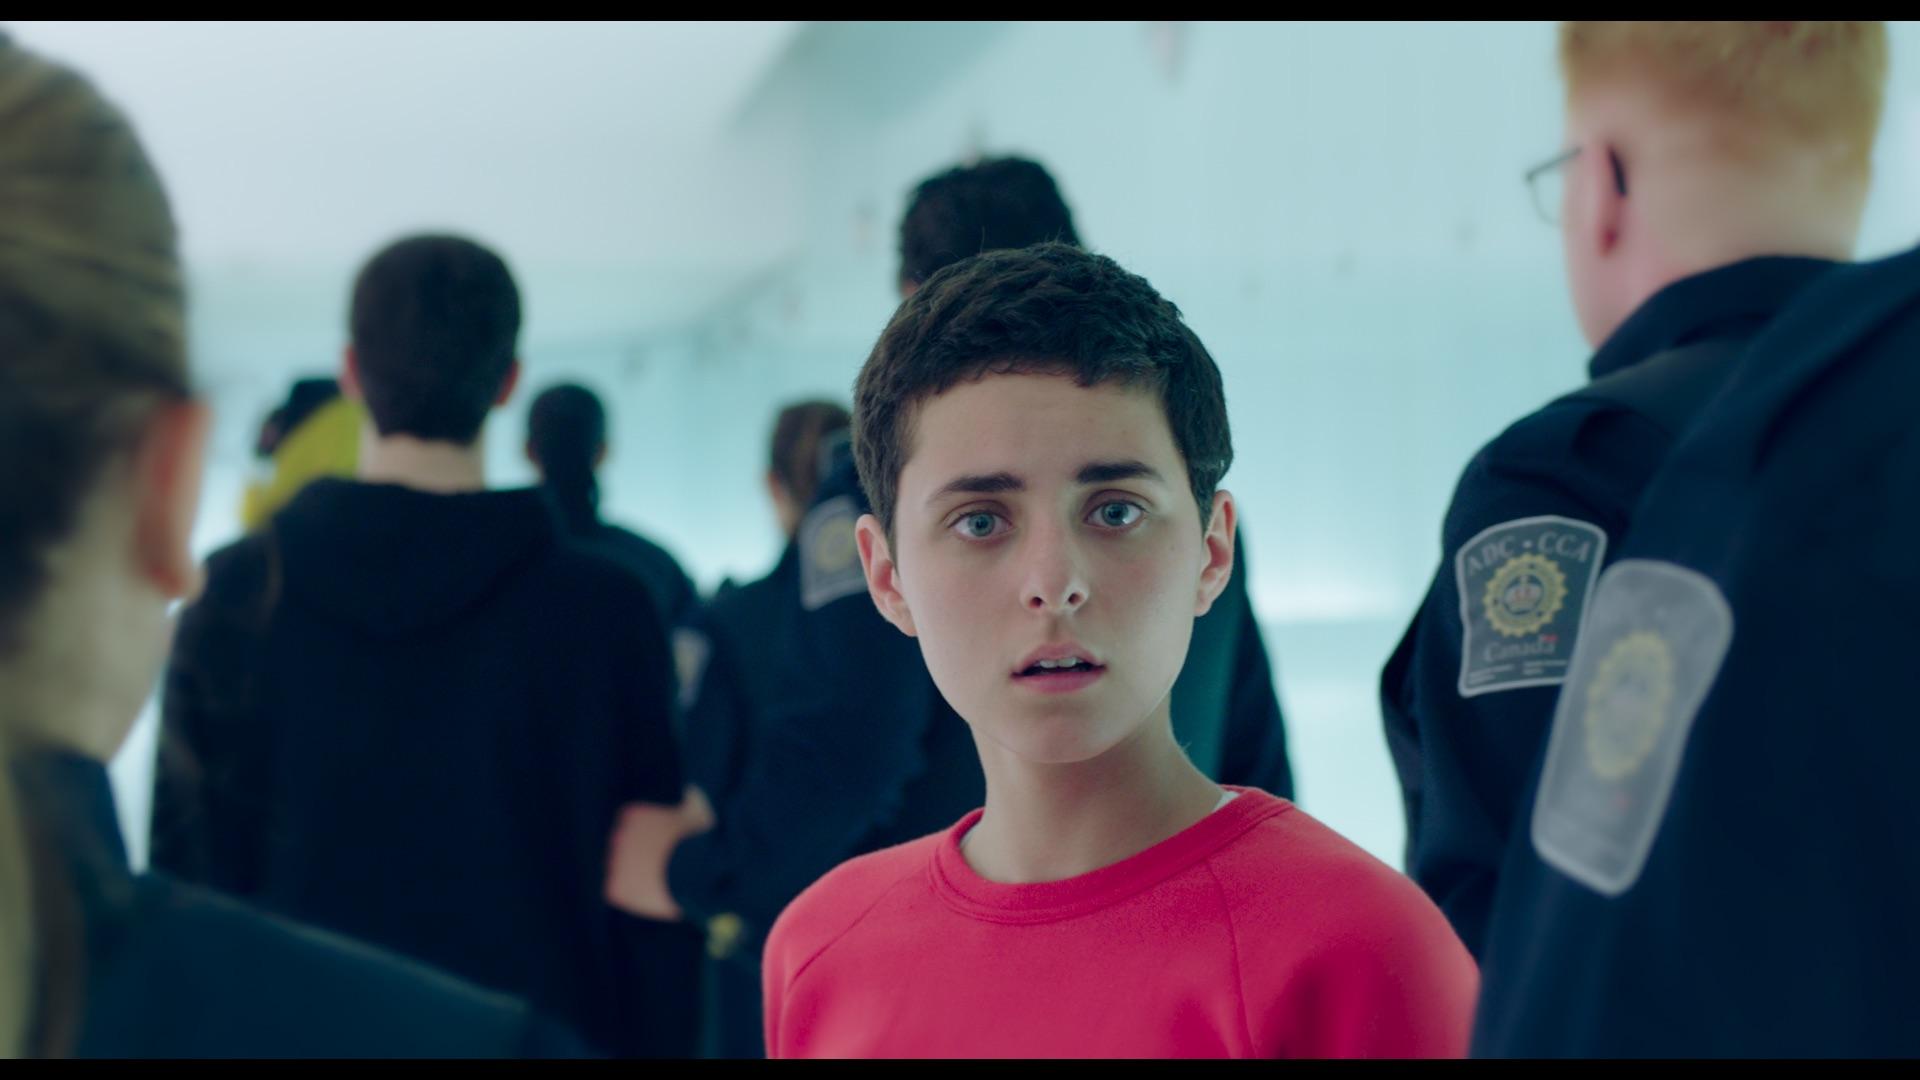 23ο Διεθνές Φεστιβάλ Κινηματογράφου Ολυμπίας- 20η Camera Zizanio: Από 28 Νοεμβρίου έως 5 Δεκεμβρίου -Οι ταινίες που δεν πρέπει να χάσετε- ΔΩΡΕΑΝ στοonline.olympiafestival.gr